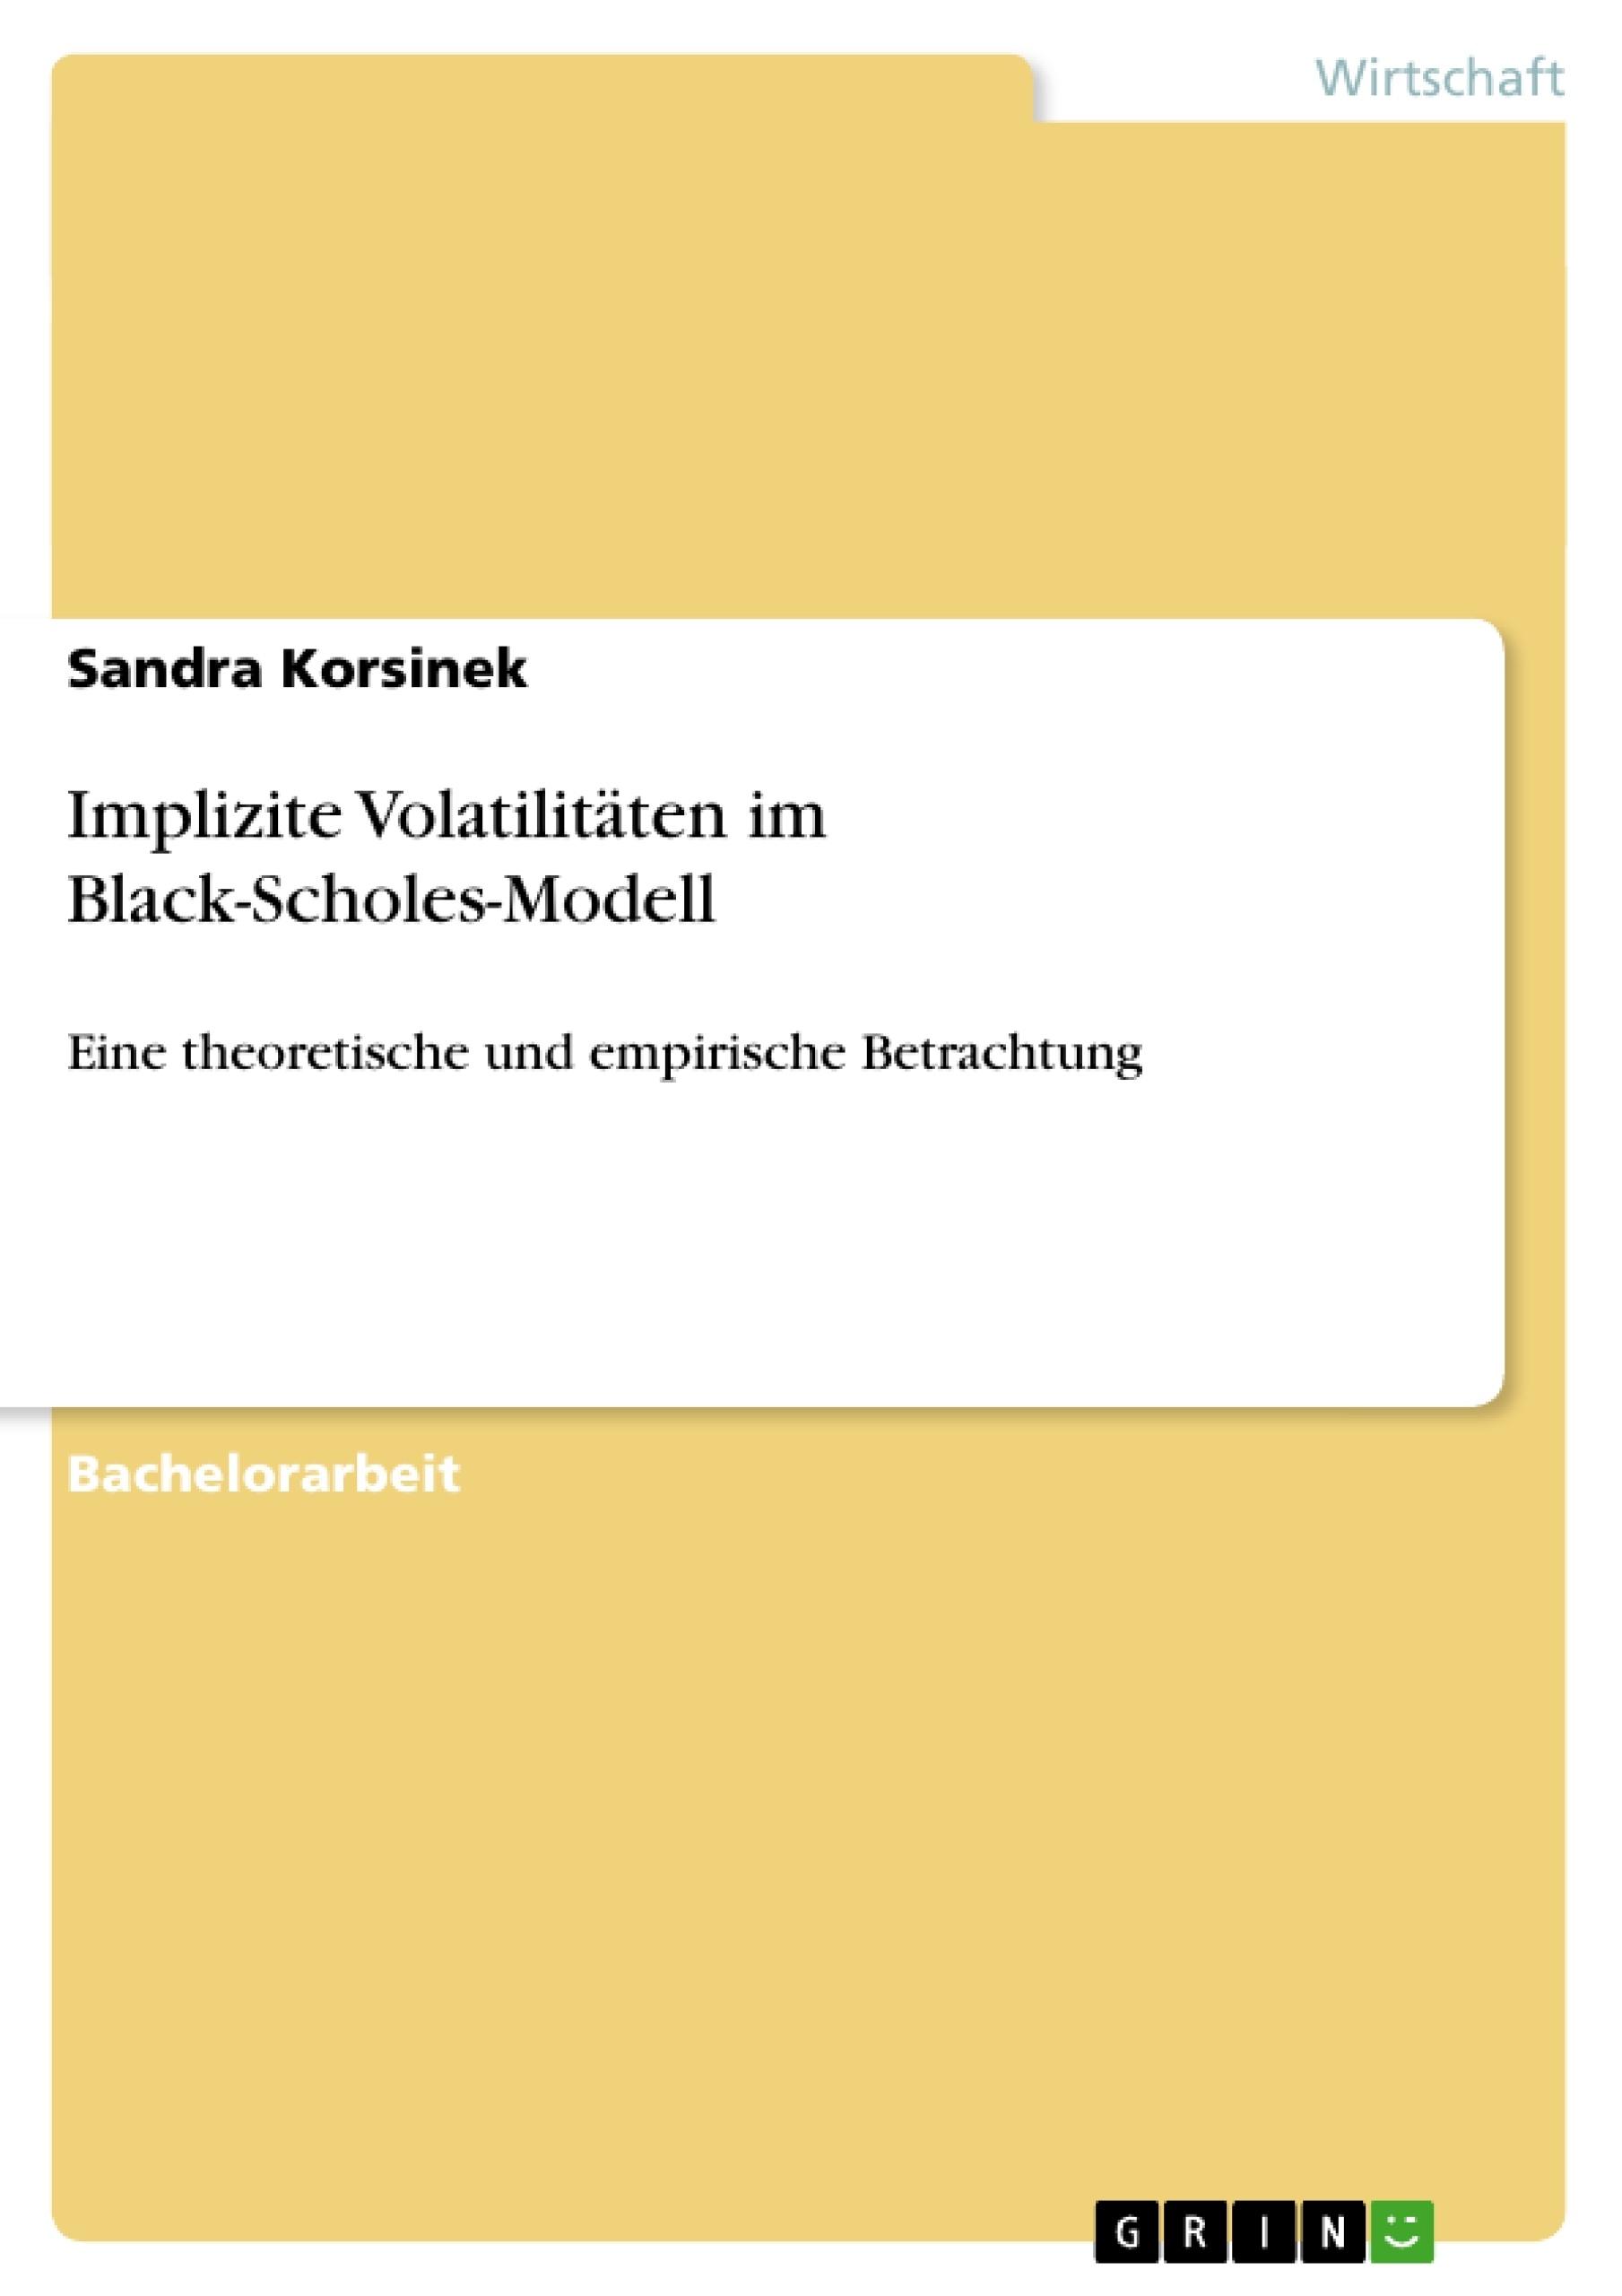 Titel: Implizite Volatilitäten im Black-Scholes-Modell